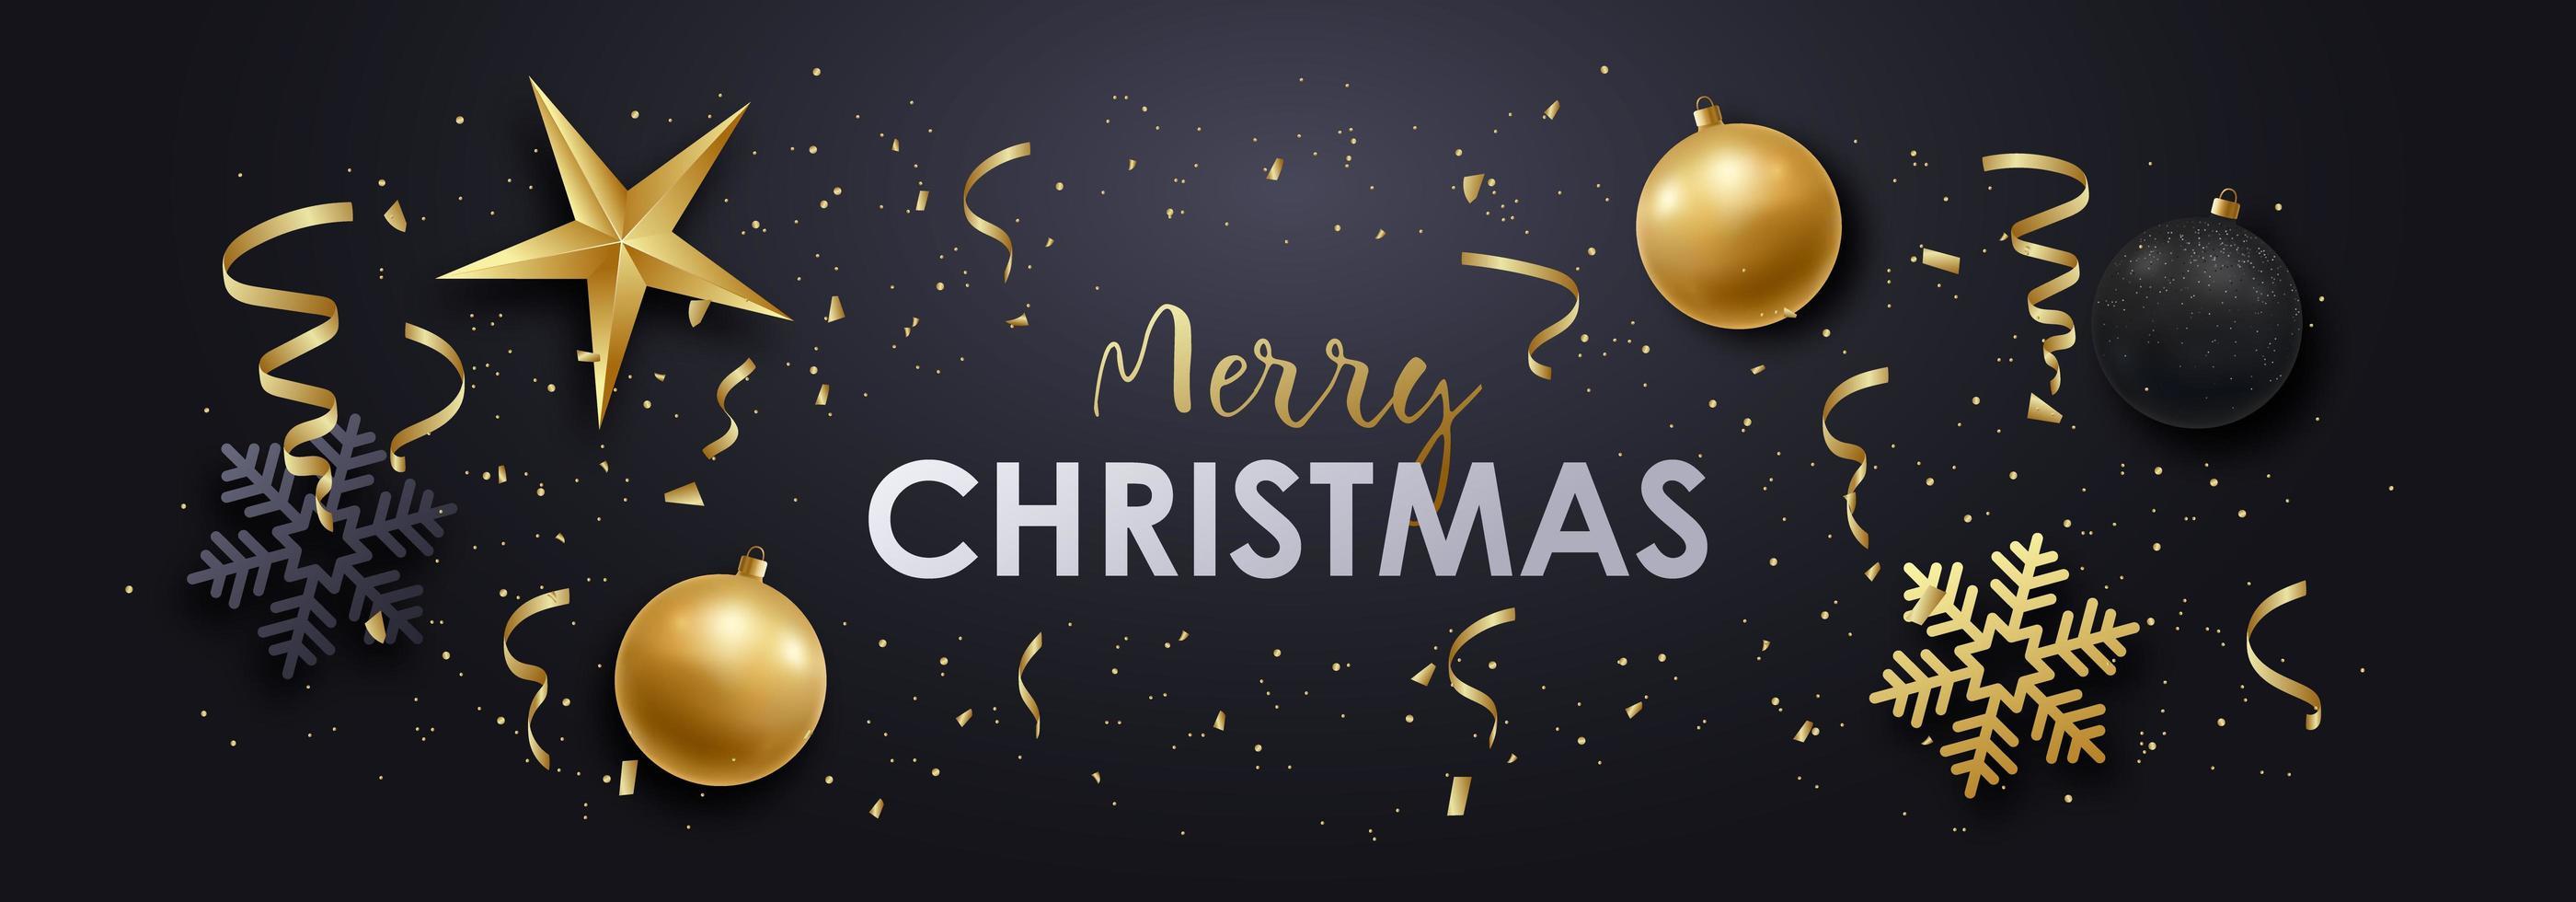 Frohe Weihnachten realistische Verzierung, Schneeflocke und Konfetti Banner vektor